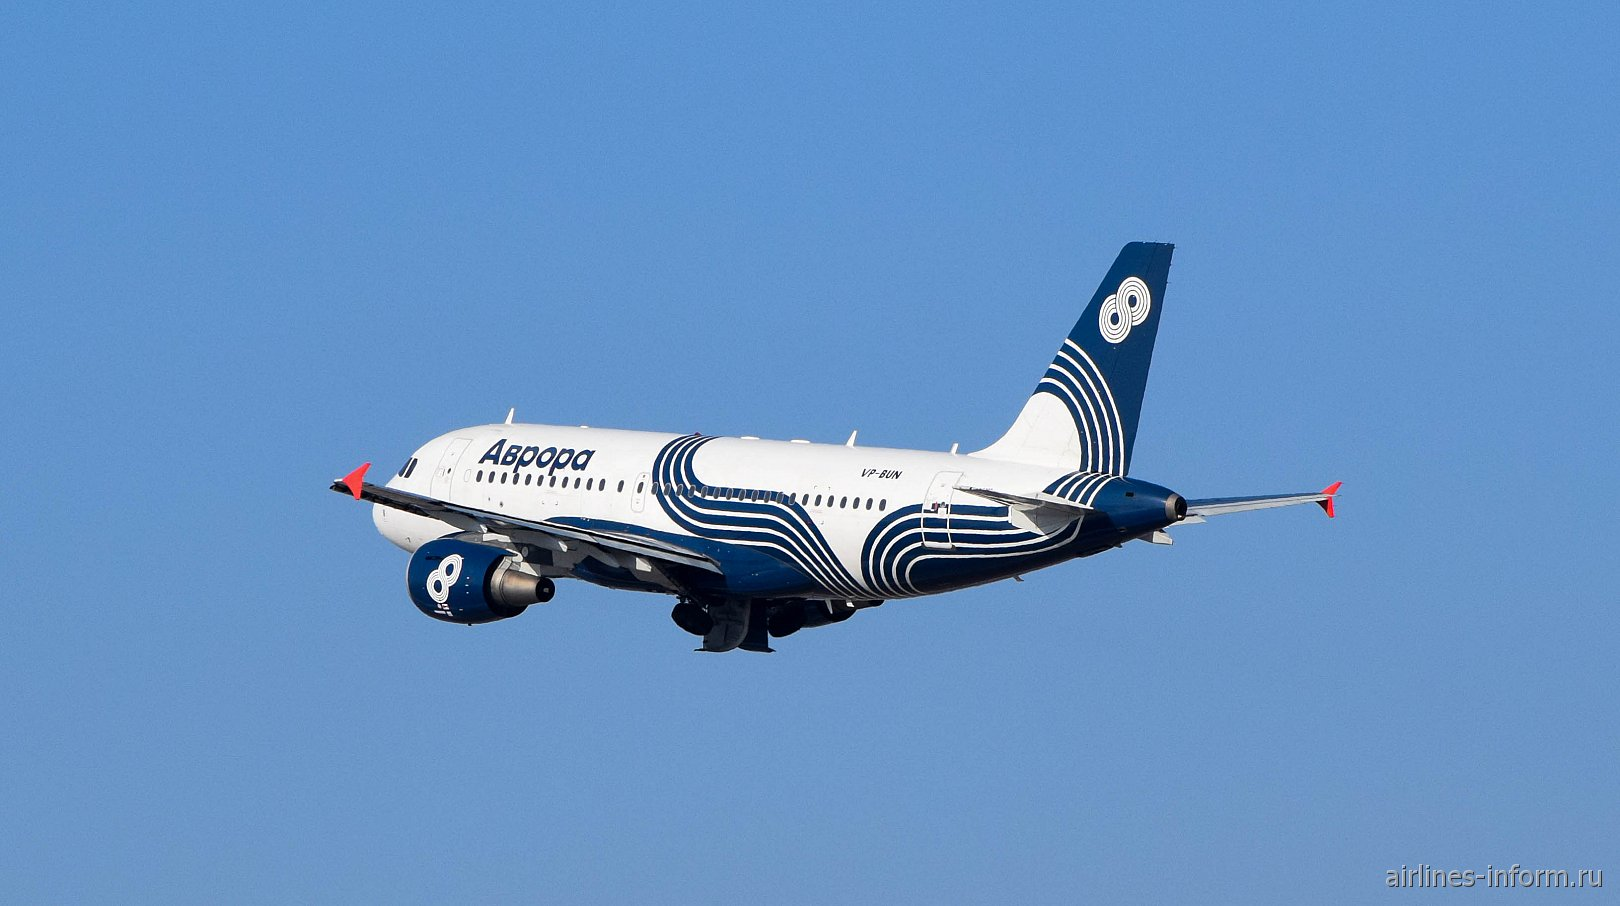 """Взлет самолета Airbus A319 VP-BUN авиакомпании """"Аврора"""""""